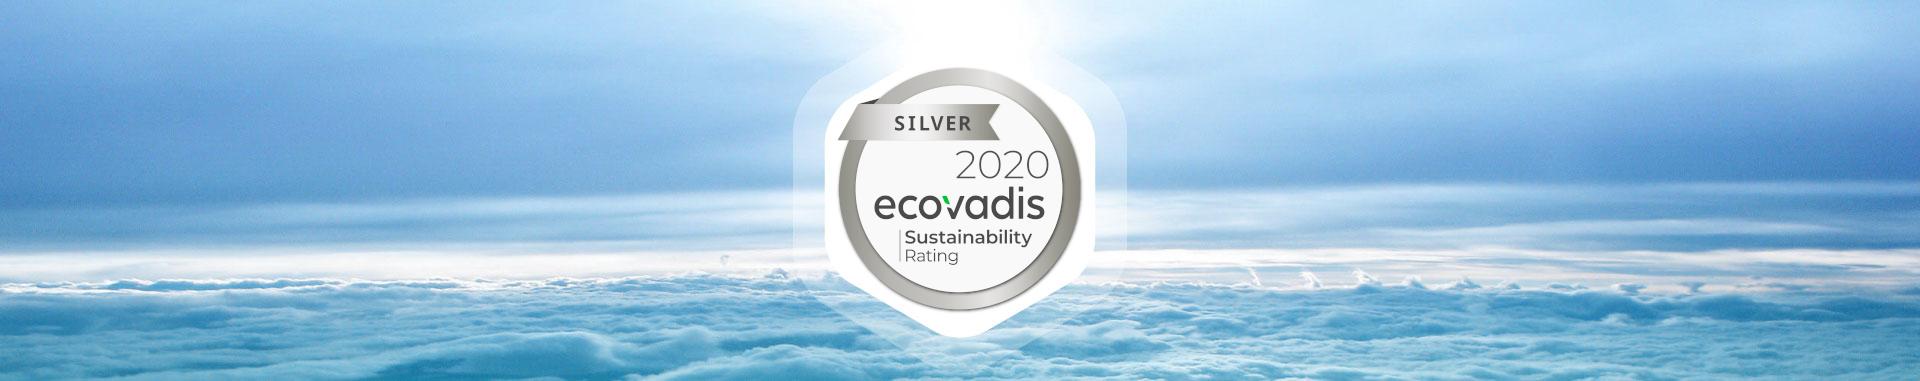 Blue note systems obtient la médaille argent Ecovadis pour sa performance RSE